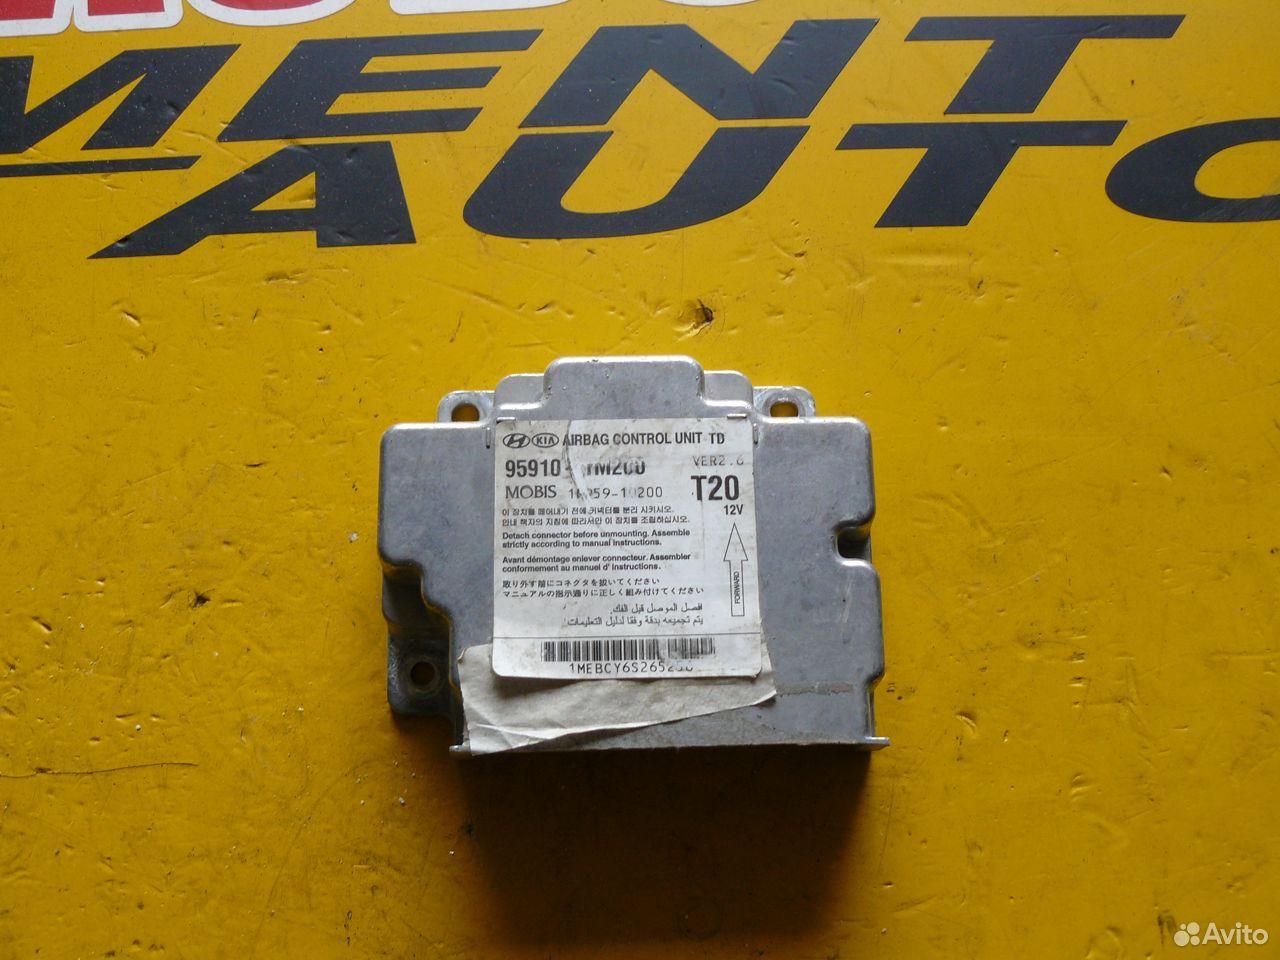 Блок управления Air Bag для Kia Cerato 2011Г  89532384400 купить 1